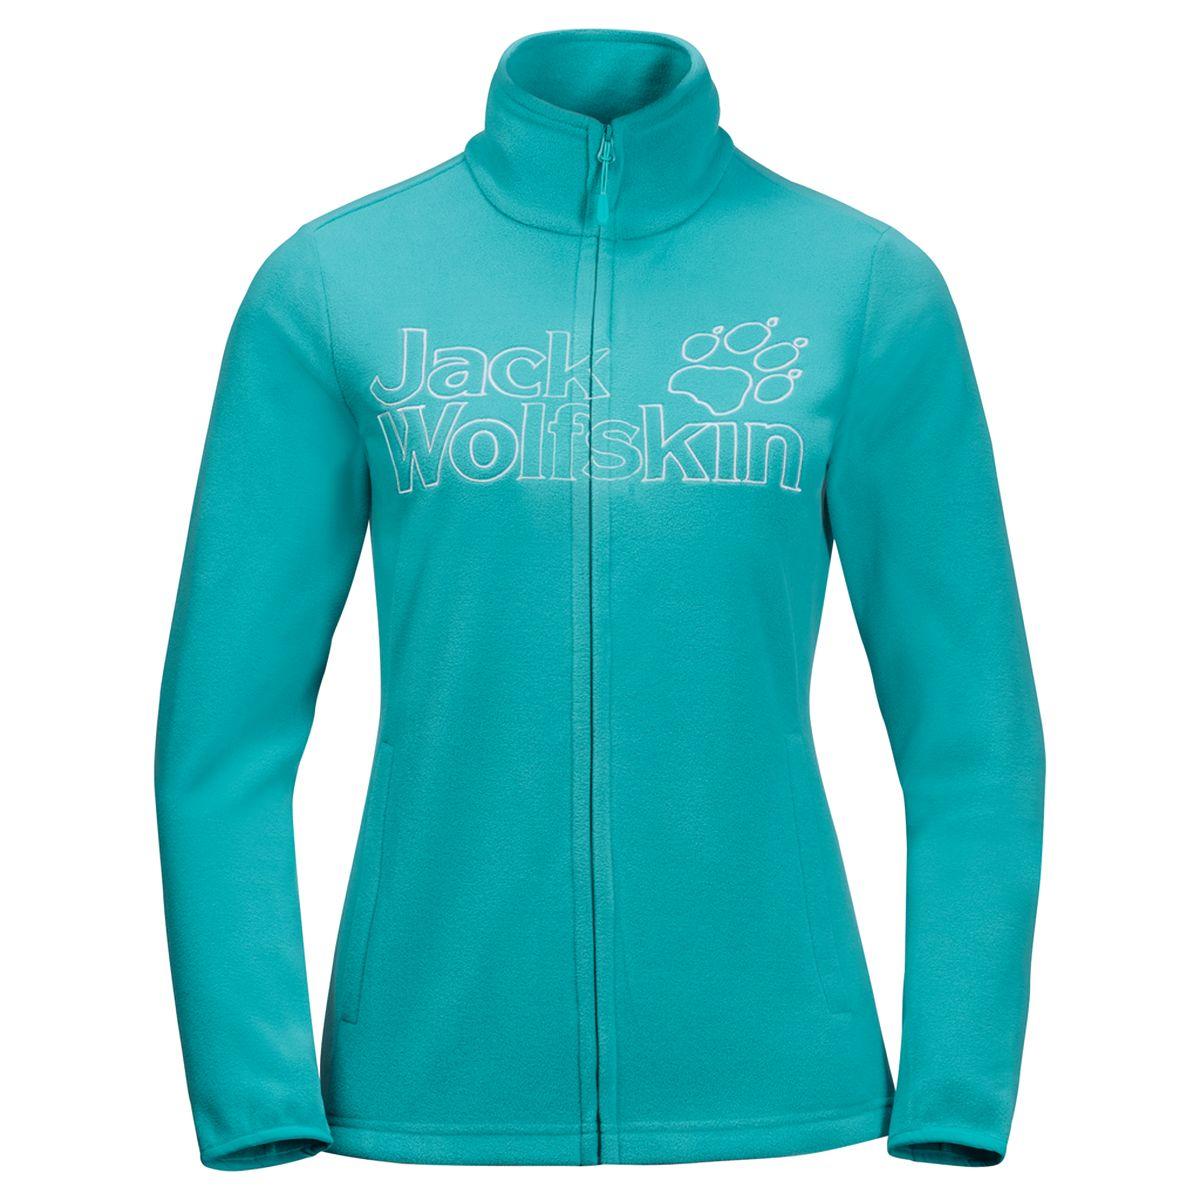 Толстовка женская Jack Wolfskin Zero Waste Jacket W, цвет: аквамариновый. 1707421-1105. Размер M (46/48)1707421-1105Вверх, к вершине горы, или вниз, в долину —;ZERO WASTE JACKET (ЗЕРО ВЕЙСТ ДЖЭКЕТ);одарит вас теплом и уютом, когда погода станет прохладной. Вы можете носить эту куртку в качестве верхнего или дополнительного среднего слоя в вашем комплекте одежды для низких температур. В основе ткани TECNOPILE MICRO ECOSPHERE (ТЕКНОПАЙЛ МАЙКРО ЭКОСФИА) —;микрофлис, на 100% состоящий из переработанных материалов. Она очень легкая, мягкая и приятная на ощупь.